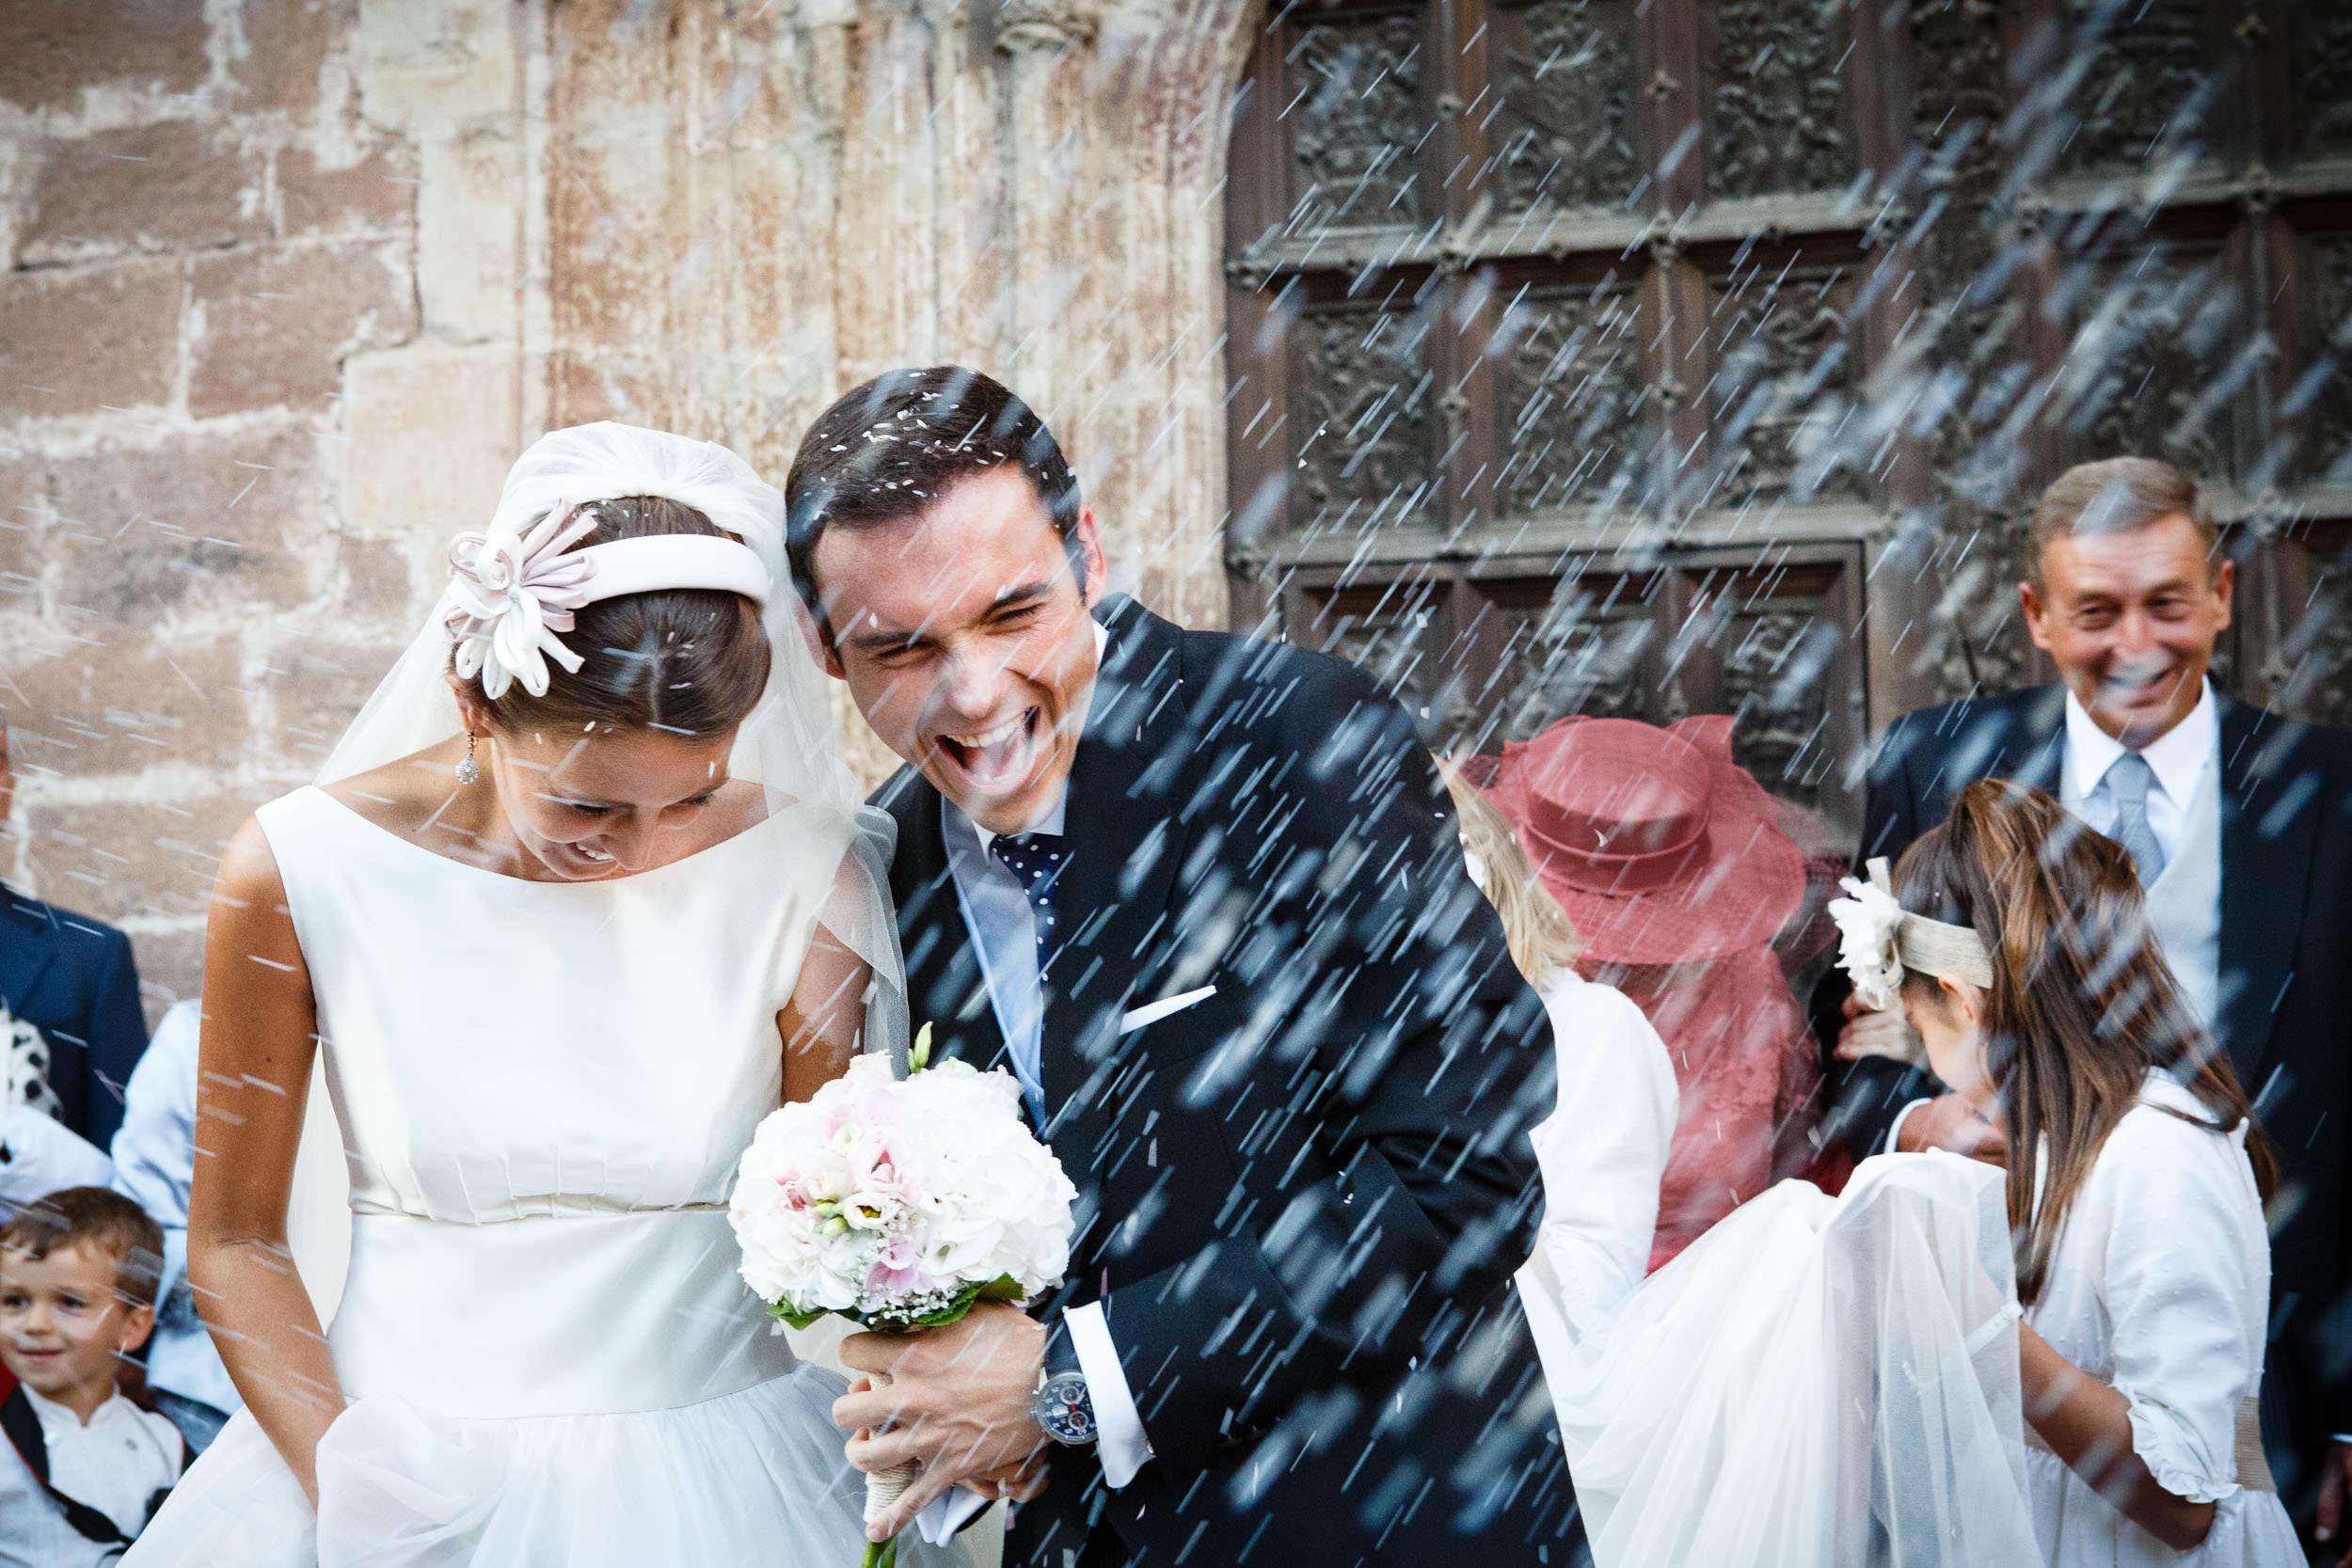 Fotografia de boda La Rioja Pais Vasco España - James Sturcke - sturcke.org_028.jpg